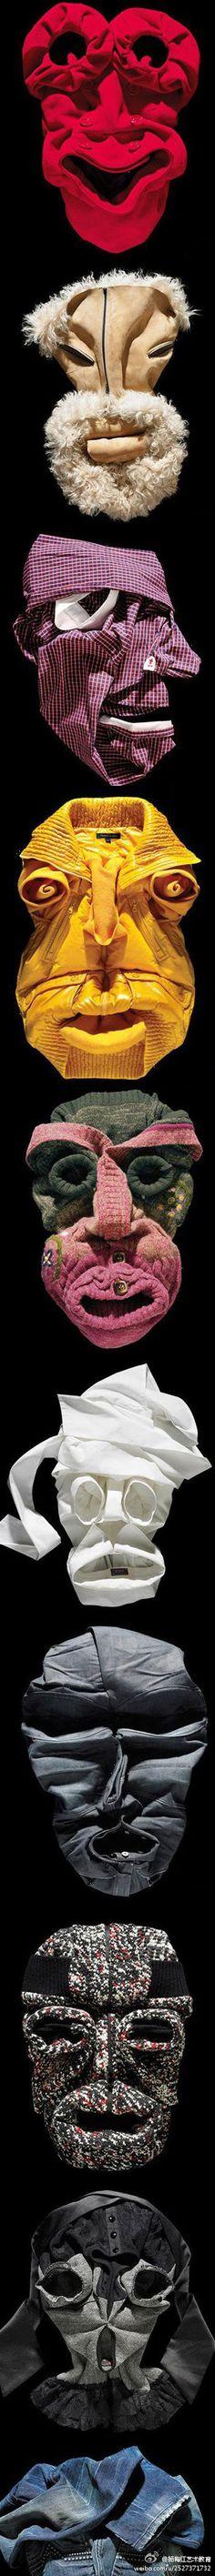 masker van een kledingstuk